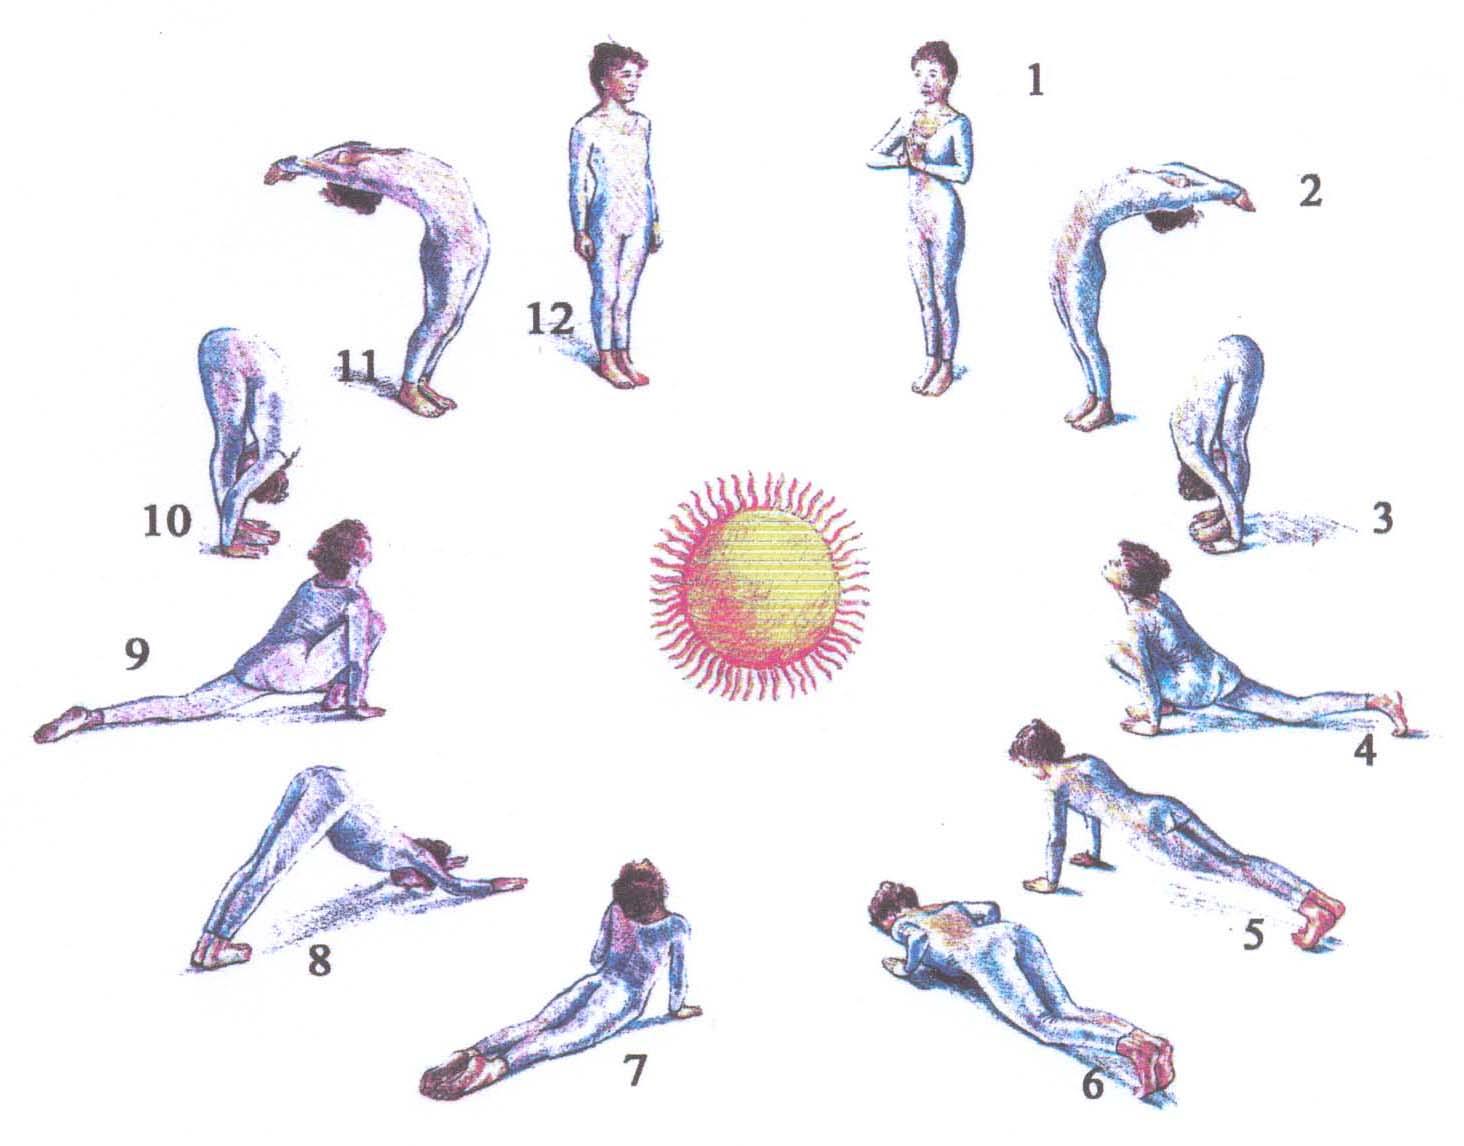 Вечерняя йога перед сном для начинающих, расслабление в кровати